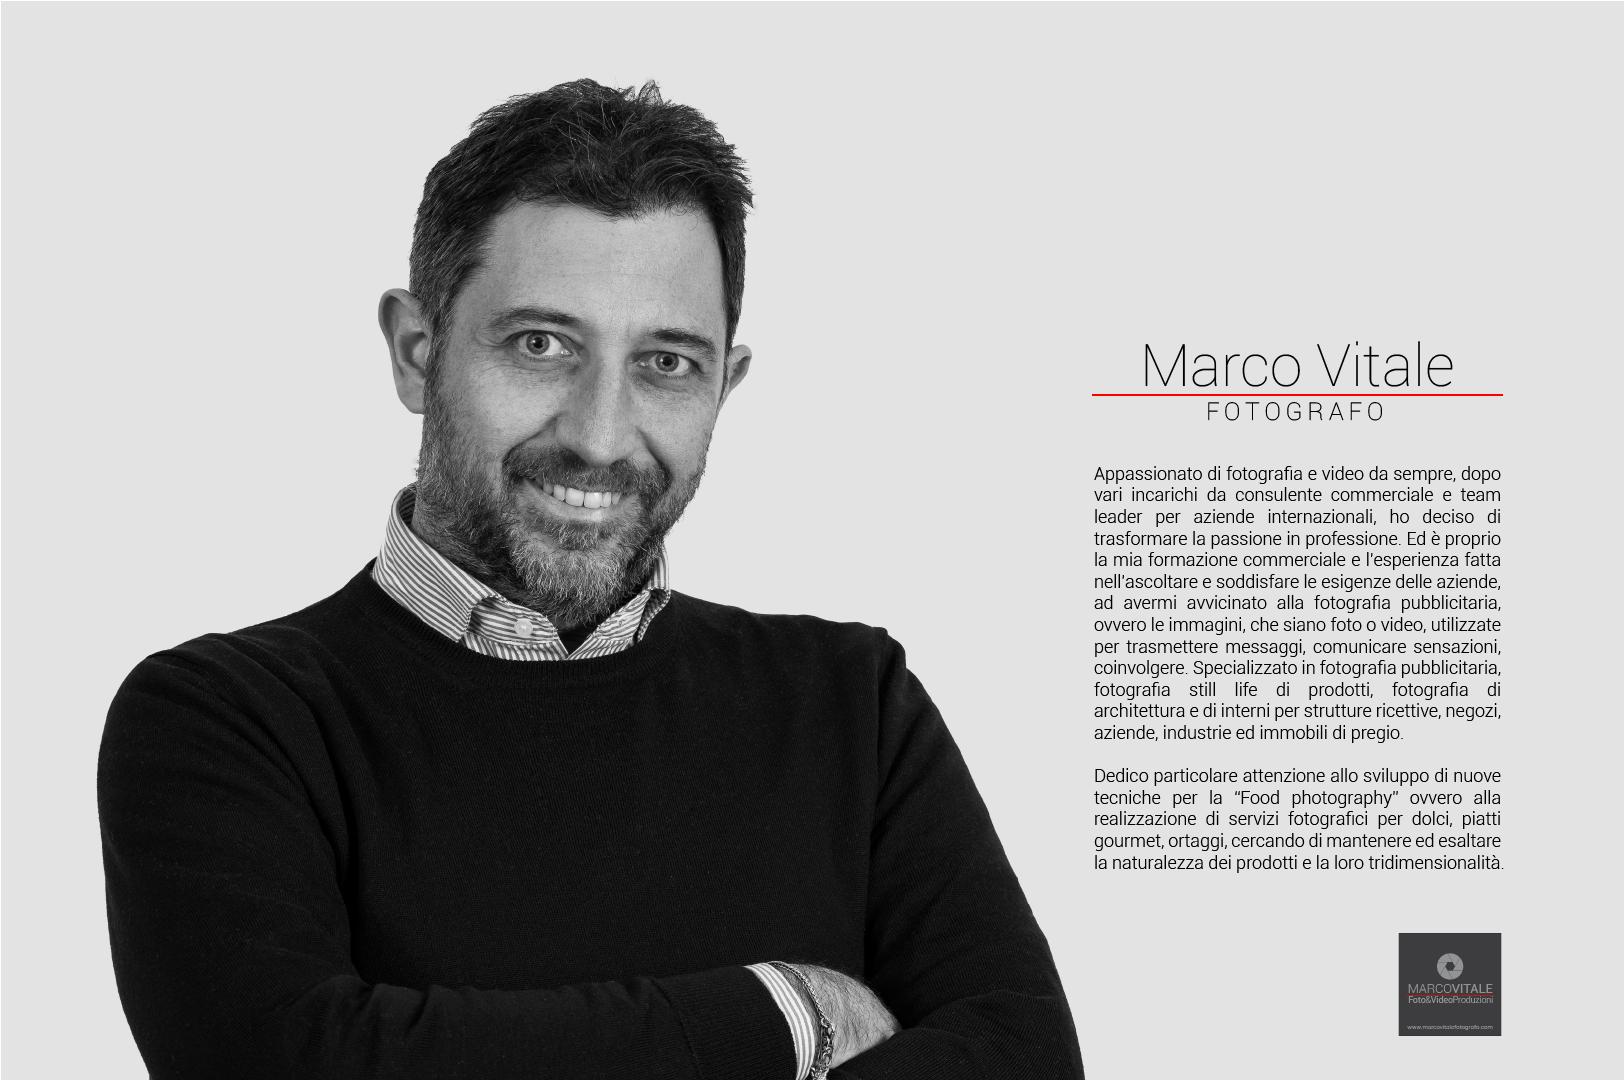 Marco Vitale - Fotografo pubblicitario